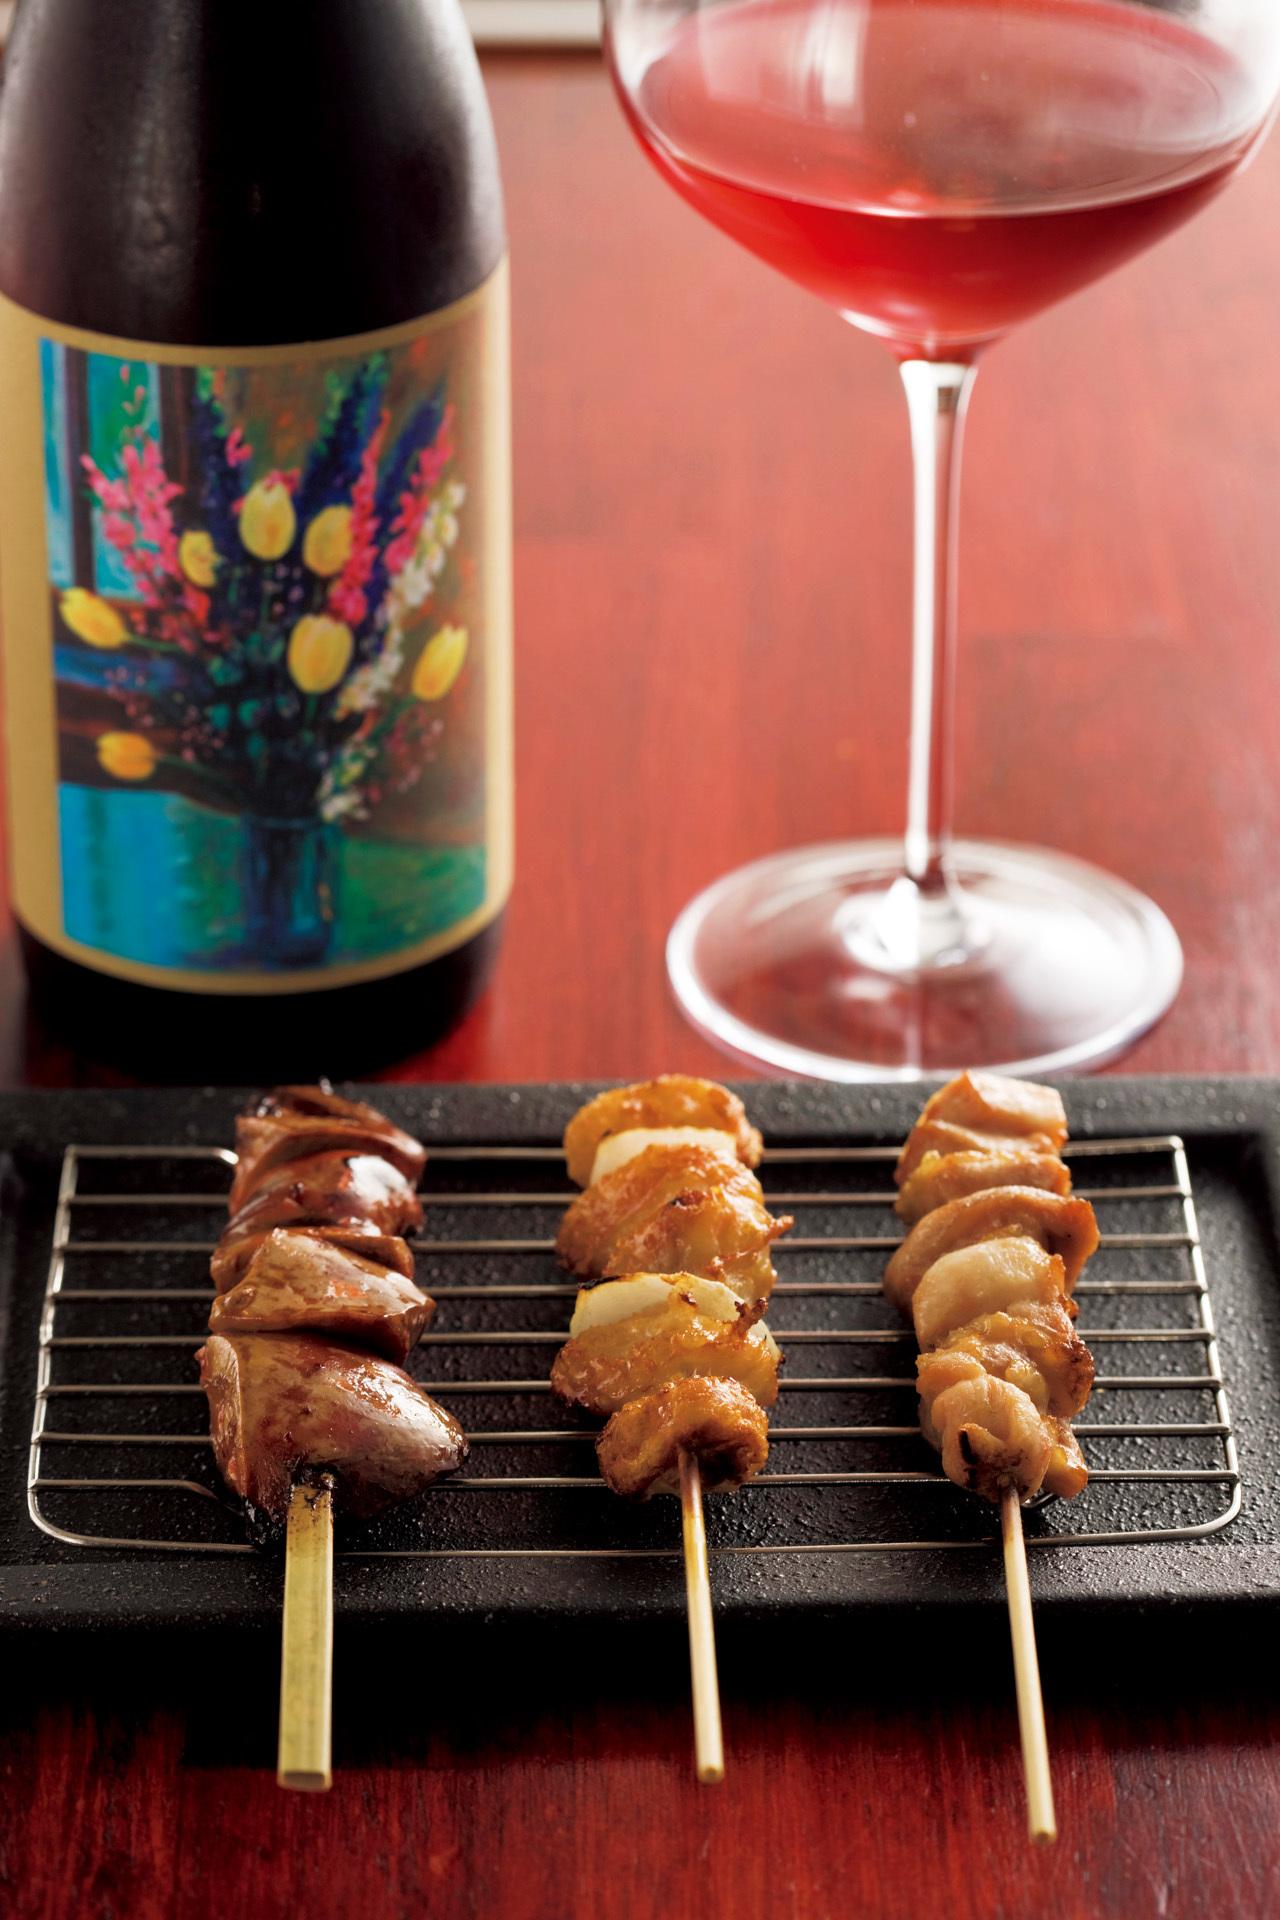 自家菜園の野菜で作る料理と 今注目の日本ワインも充実 炭とワイン イル・フェ・ソワフ_1_1